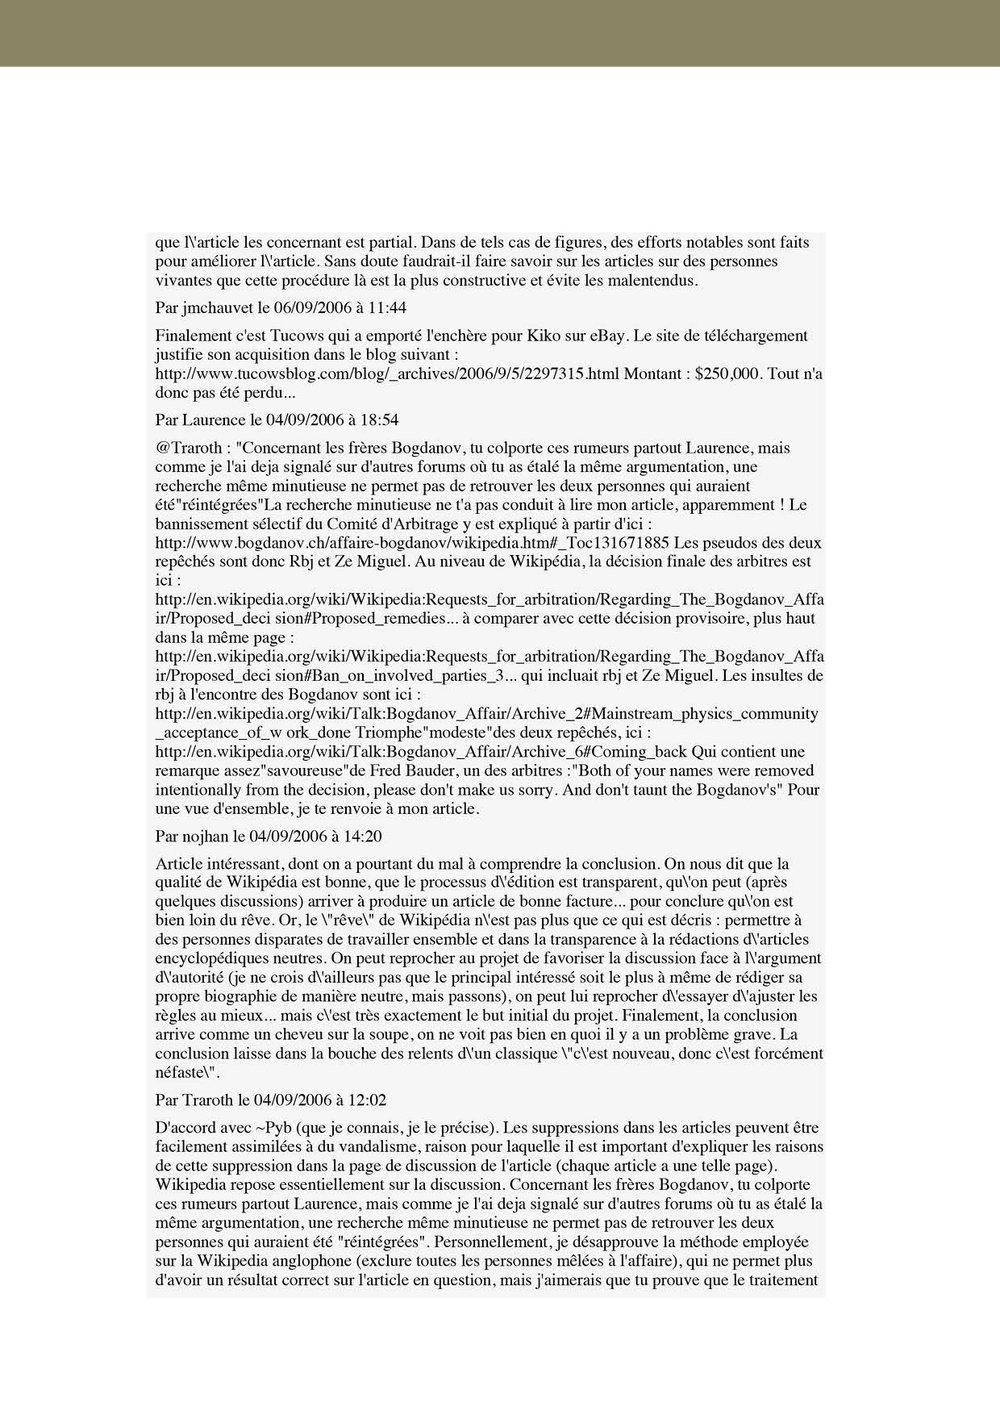 BOOKMEDIA_SEPT21.jpg